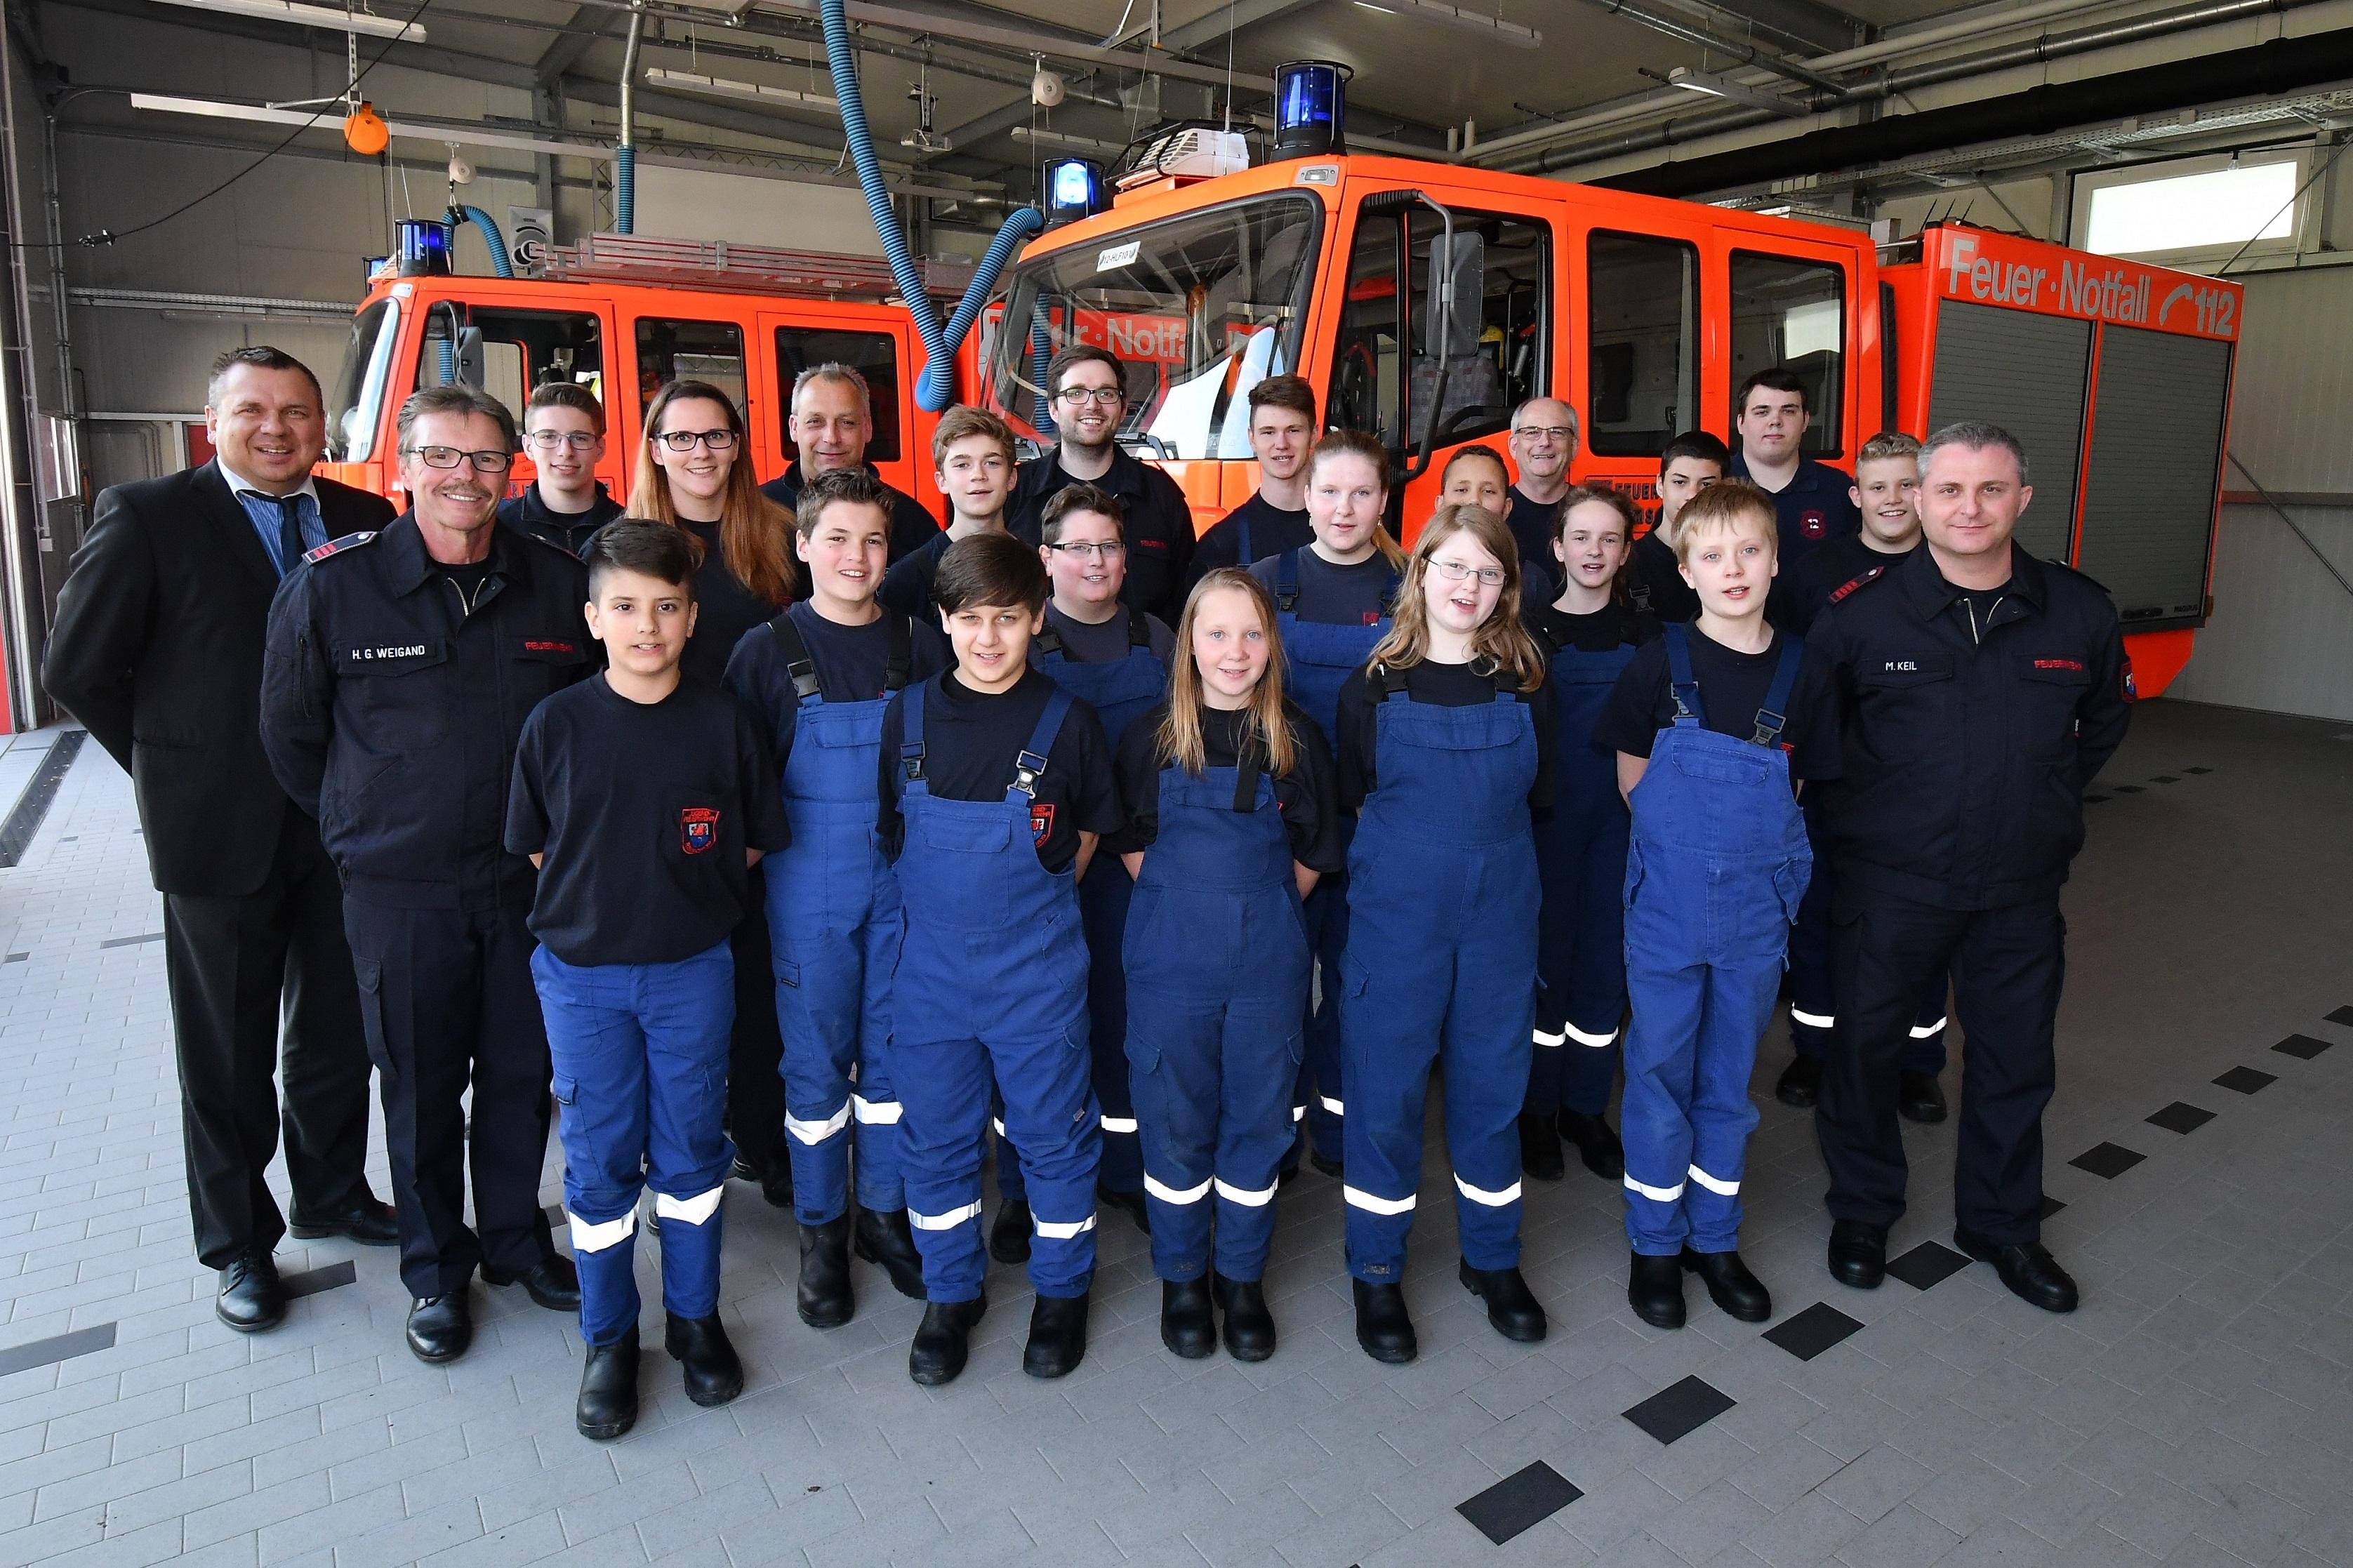 Filialleiter Carsten Tillmanns (l.) besuchte die Jugendfeuerwehr der Freiwilligen Feuerwehr Lüttringhausen. Mit dabei waren unter anderem Hans-Günter Weigand, stellvertretender Einheitsführer (2.v.l), und Dirk Starcke, Vorsitzender des Fördervereins (hinten, 2.v.r.) Foto: Volksbank / Jürgen Moll